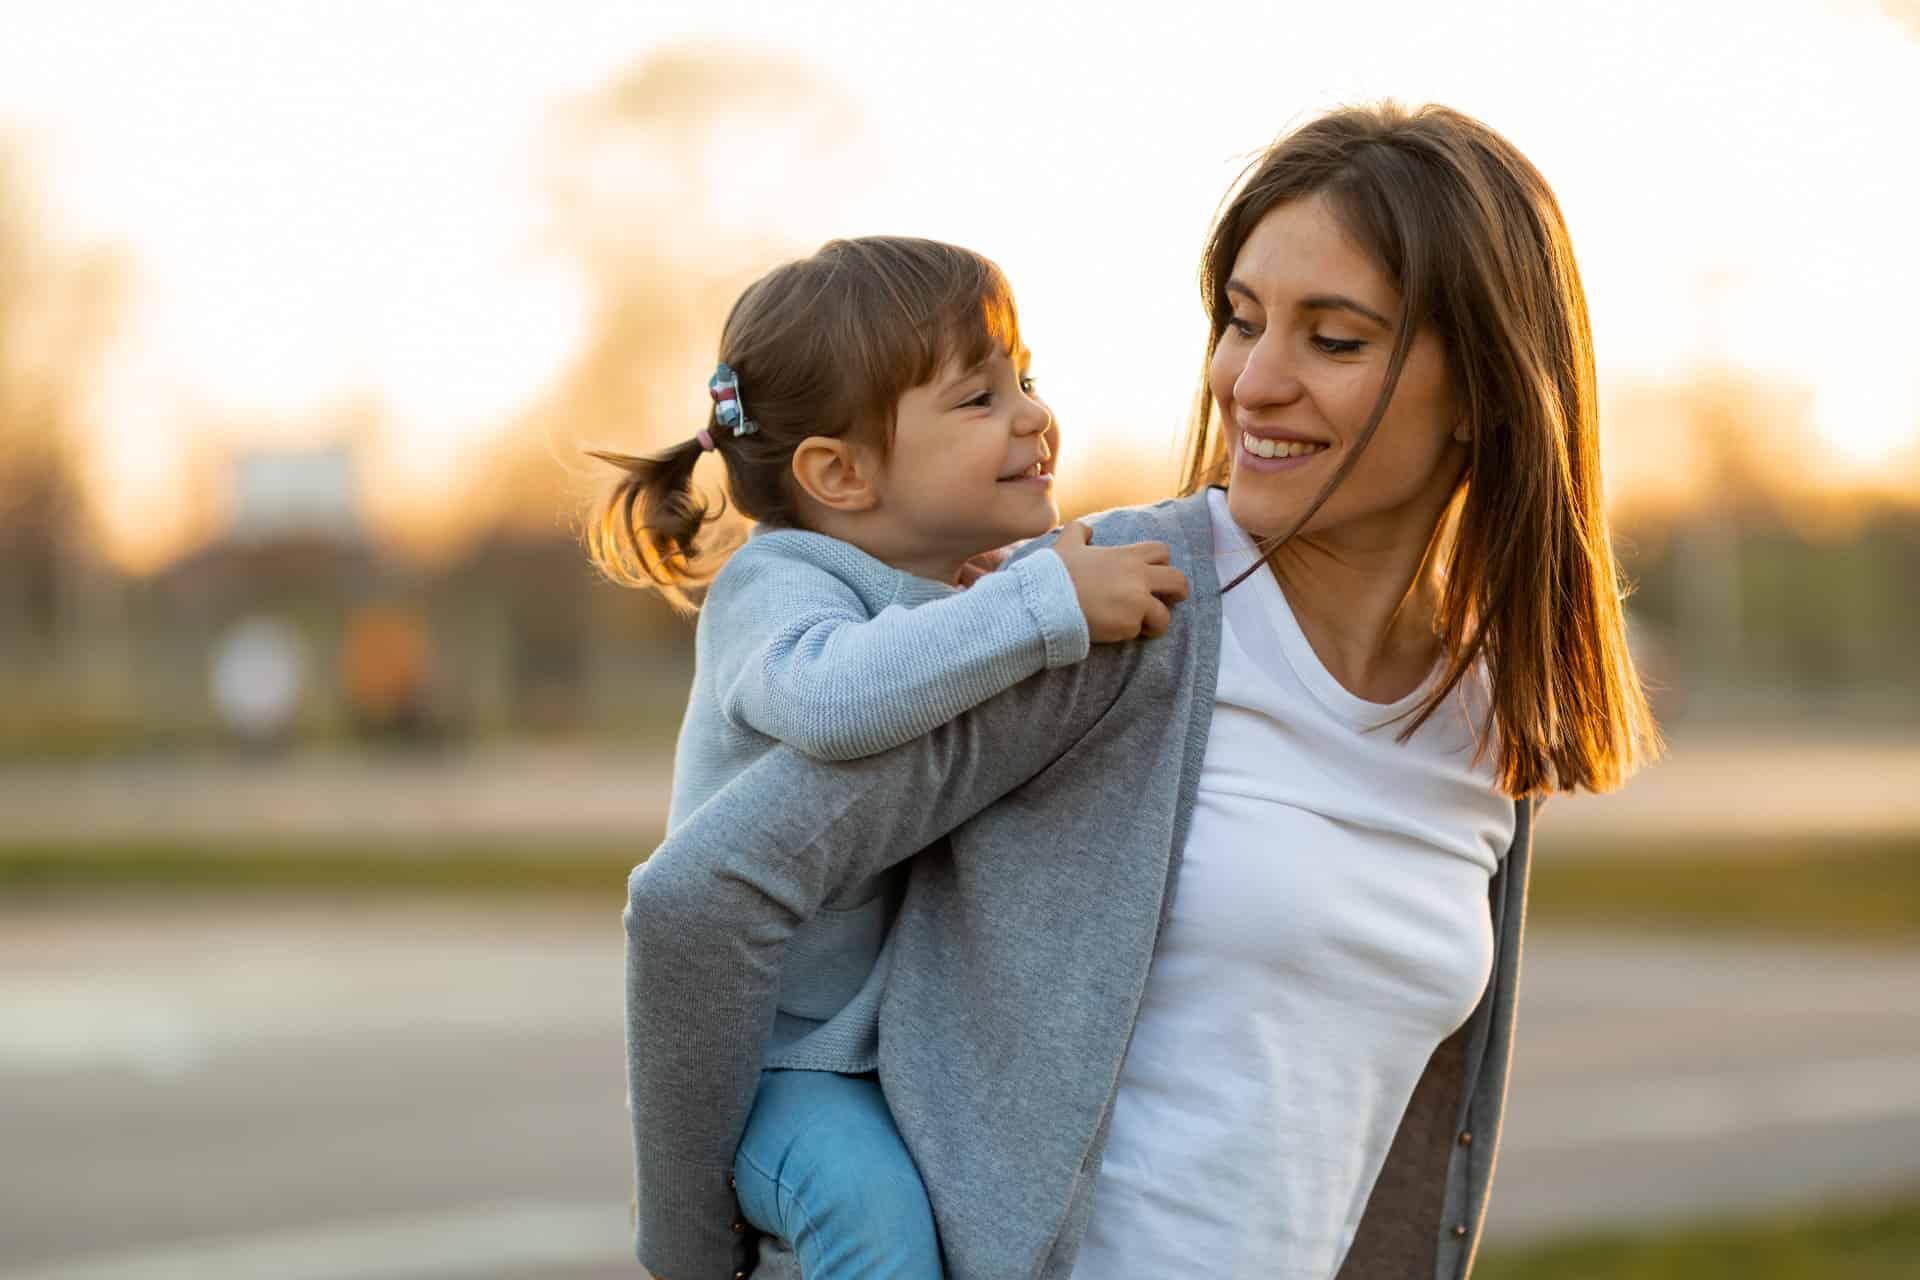 Corona-ouderschapsverlof brengt rust bij gezinnen